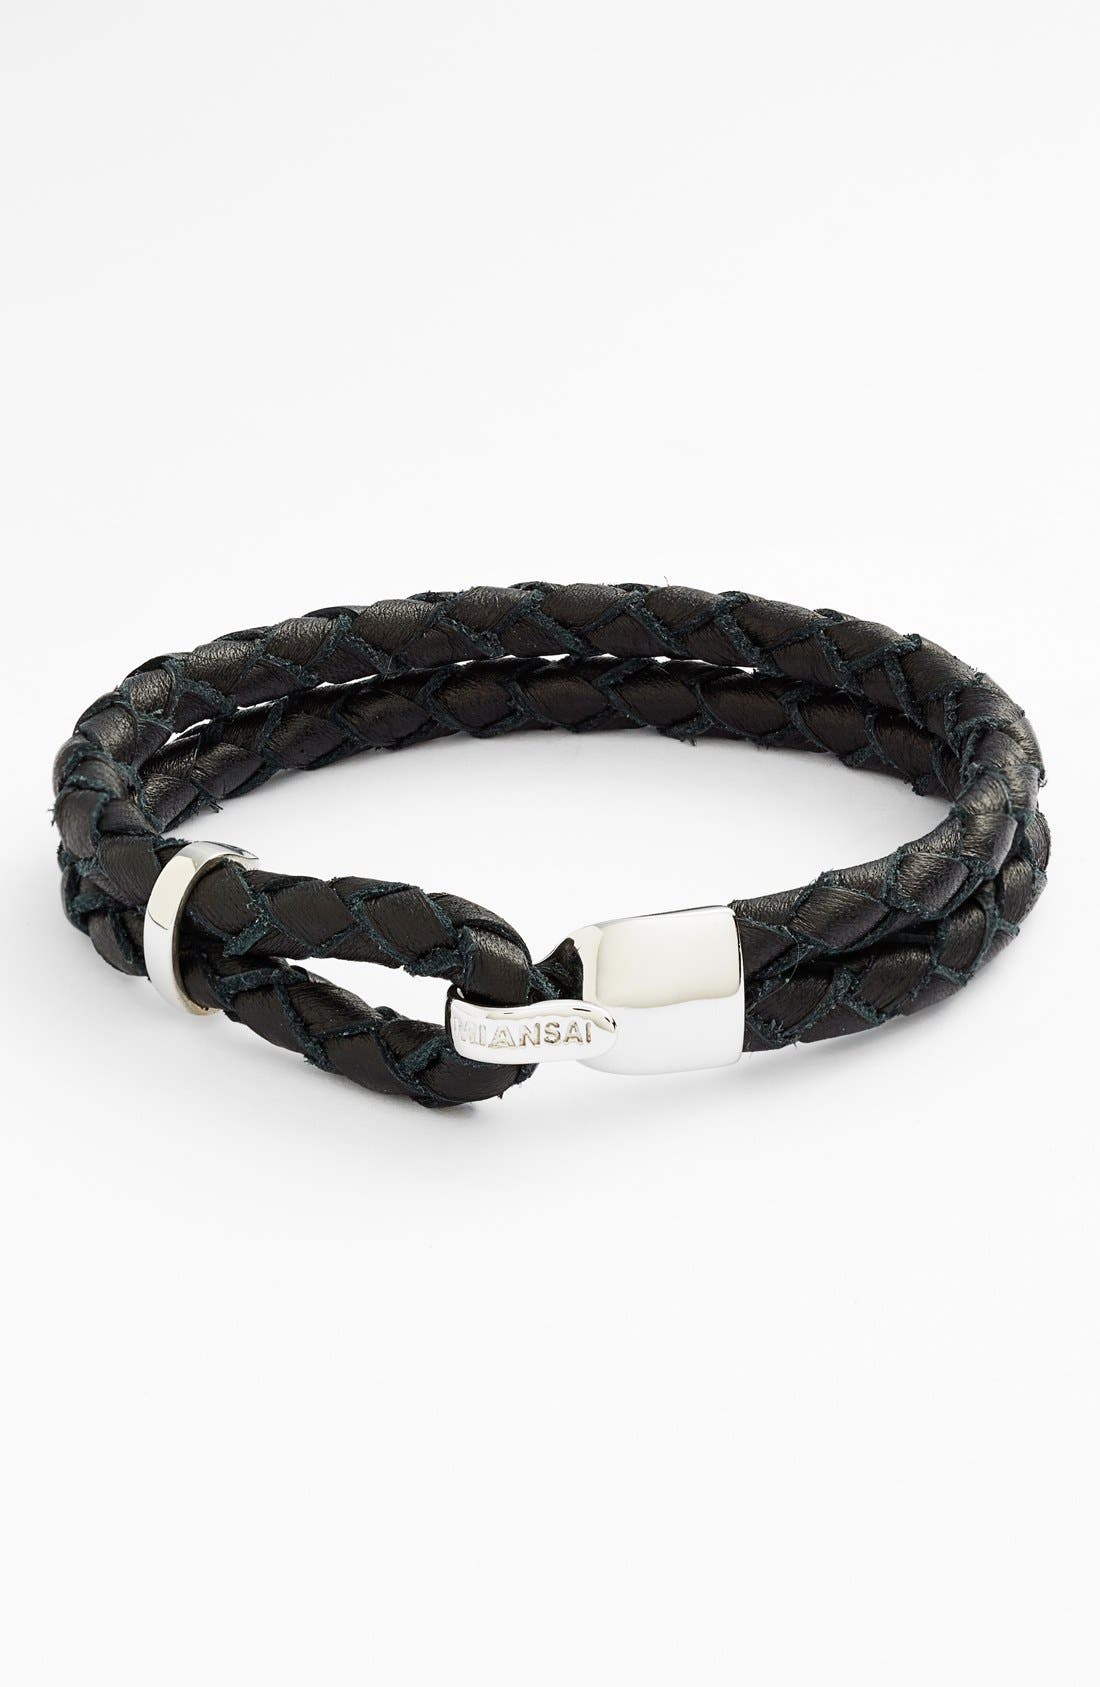 Miansai 'Beacon' Braided Leather Bracelet